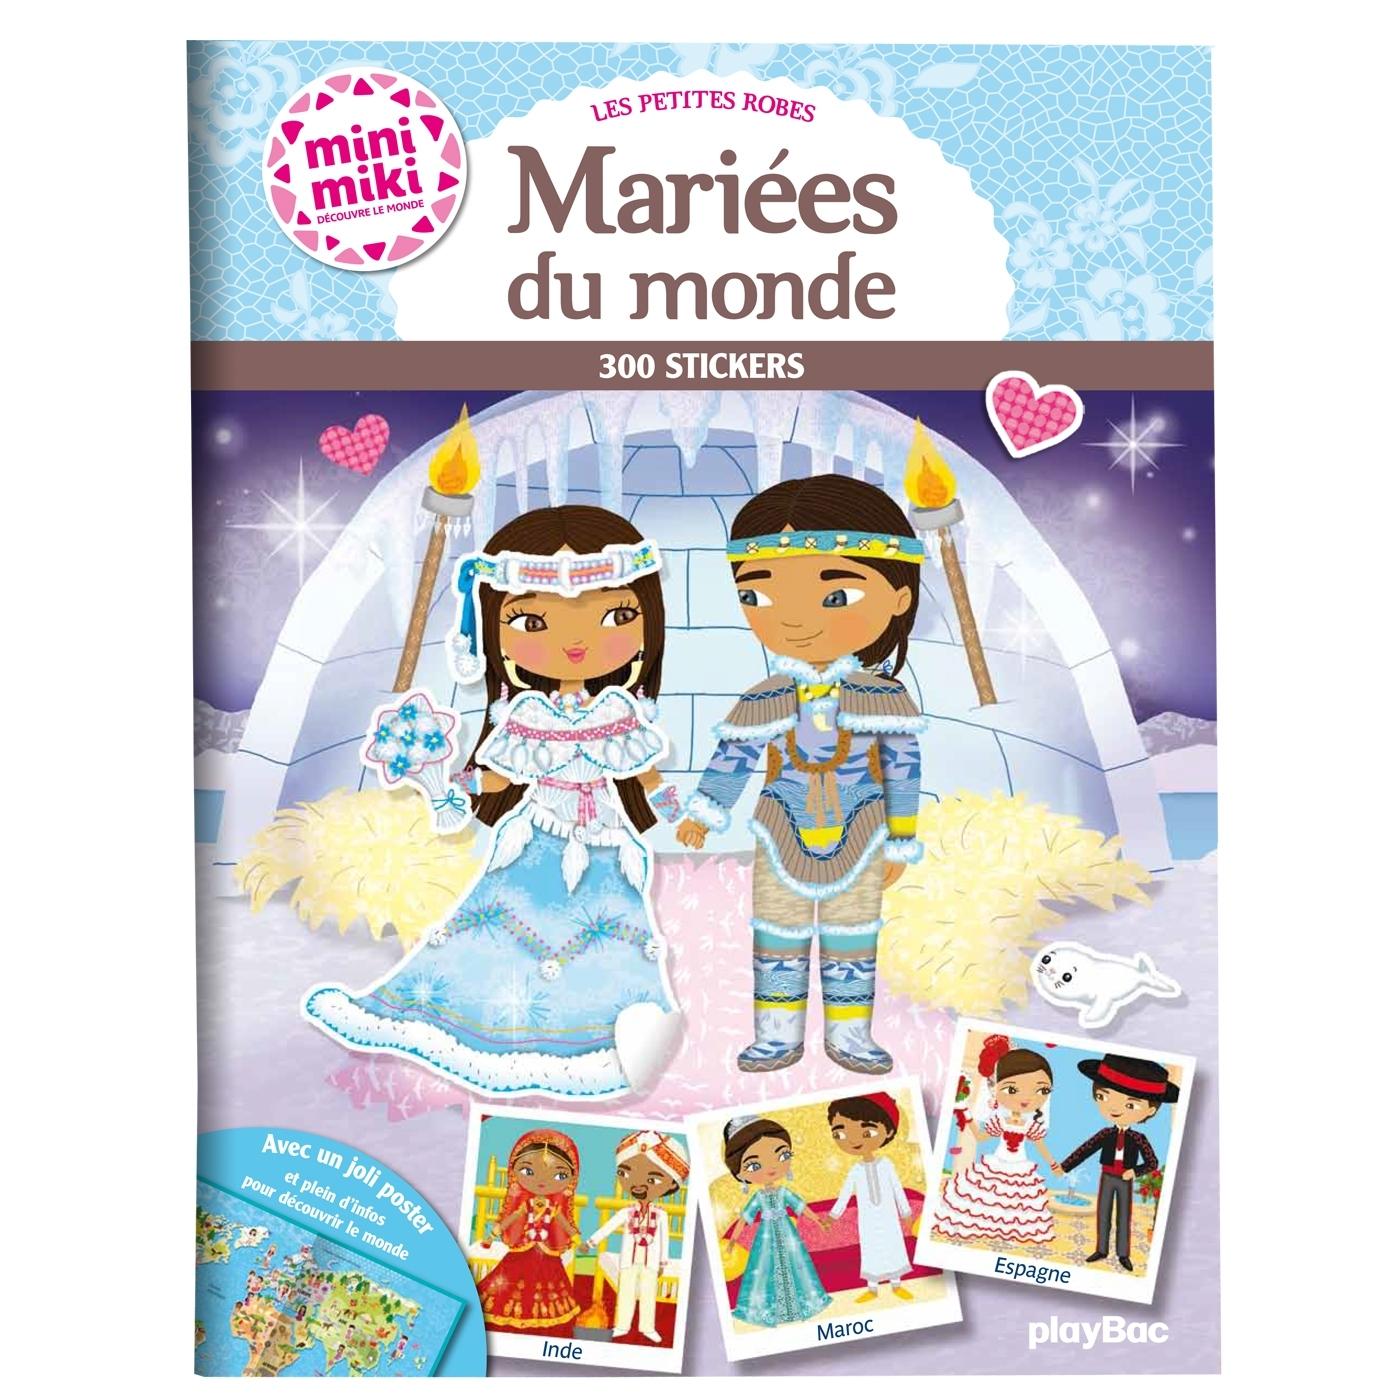 MINIMIKI - LES ROBES DE MARIEE DU MONDE - STICKERS